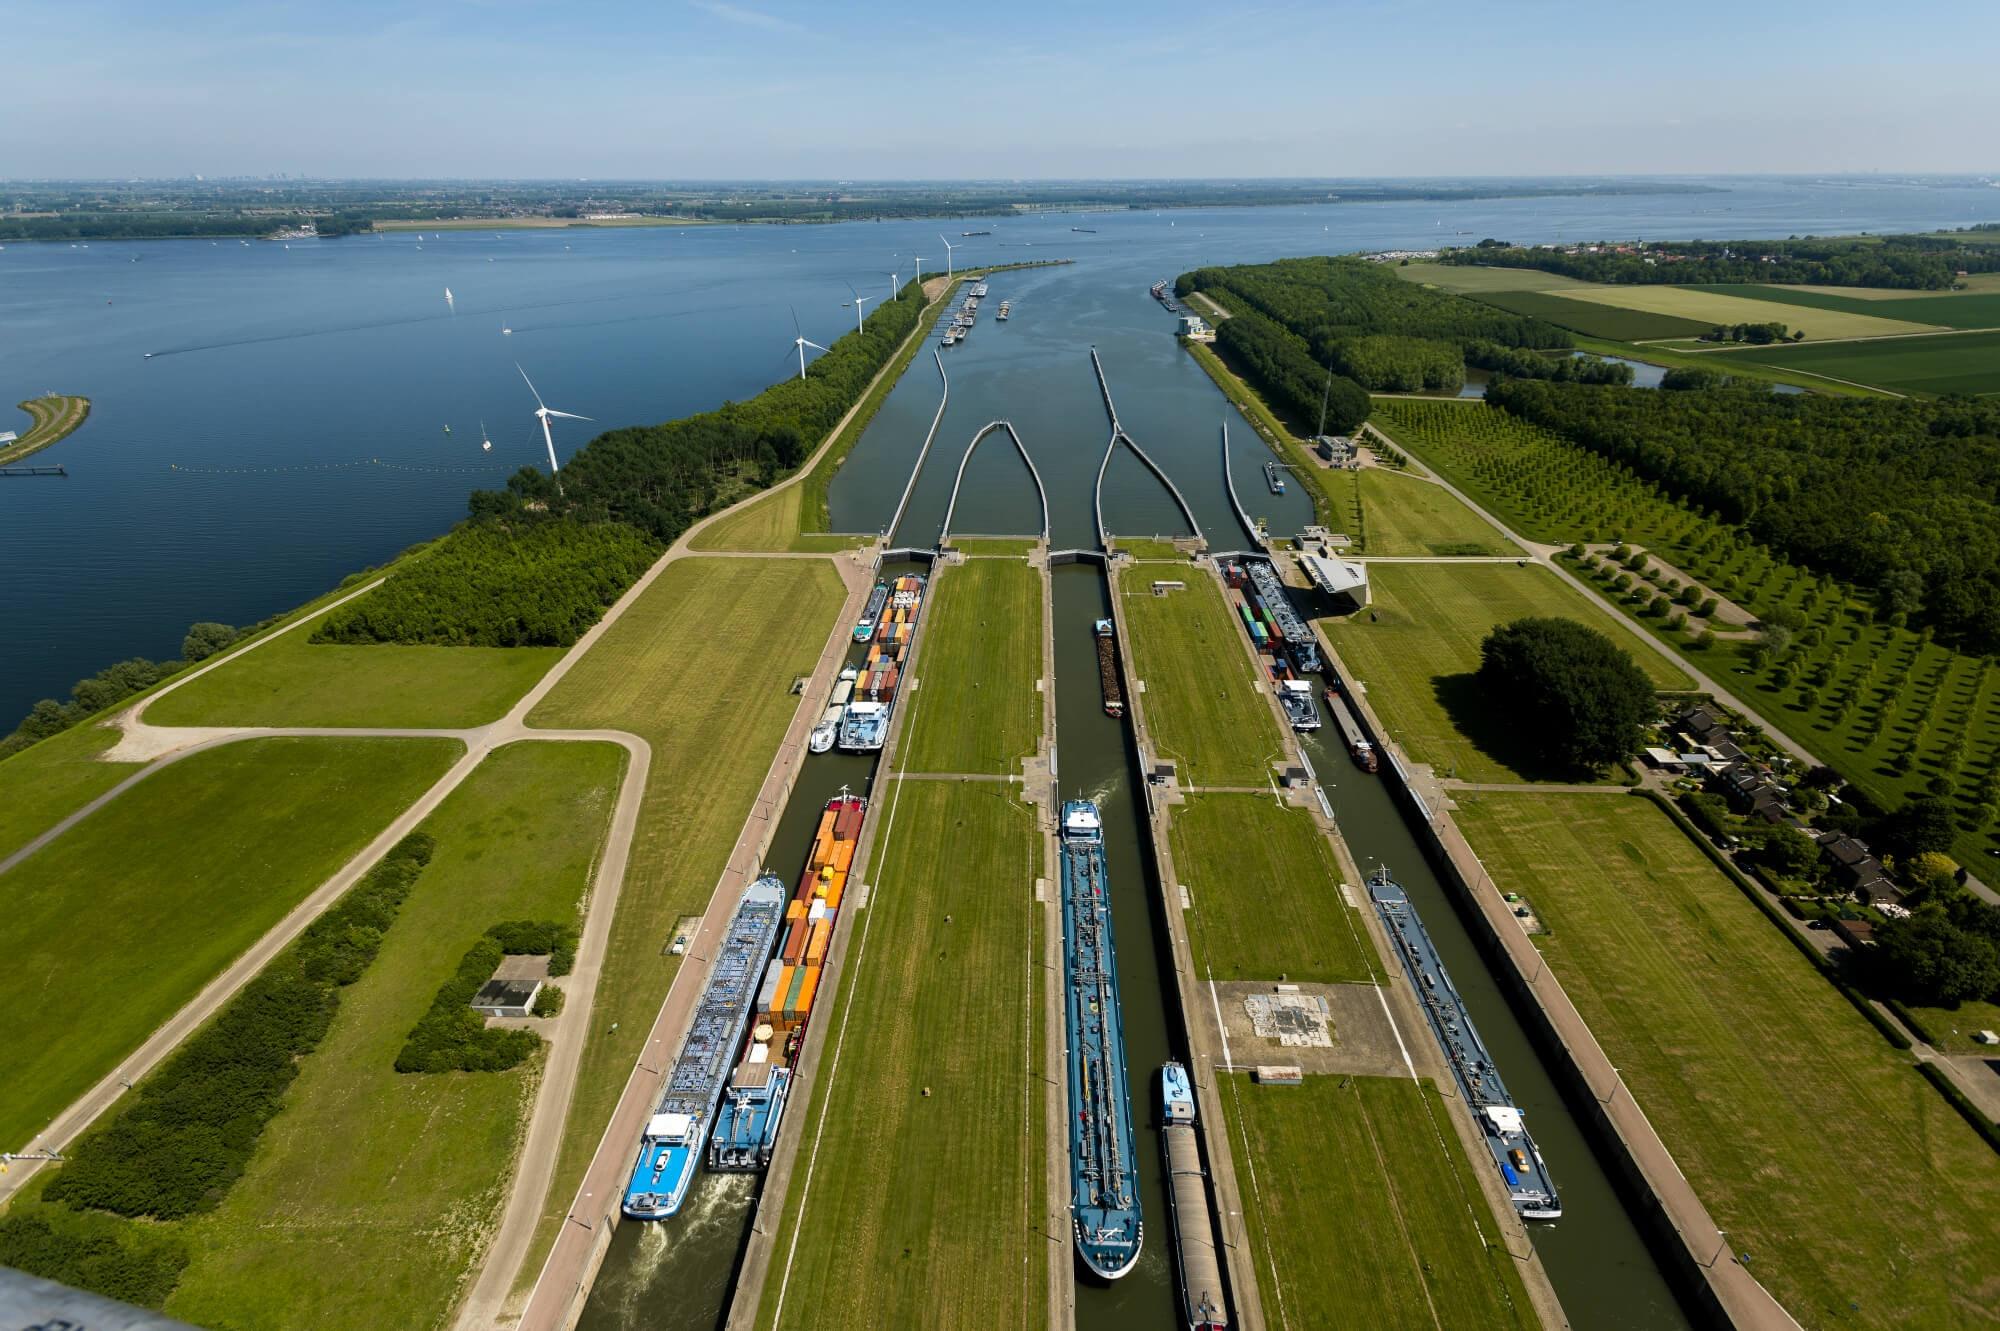 Het Volkeraksluizencomplex is in 1967 gebouwd en in 1977 uitgebreid, het complex is nodig toe aan vernieuwing en verruiming (Foto Rijkswaterstaat)